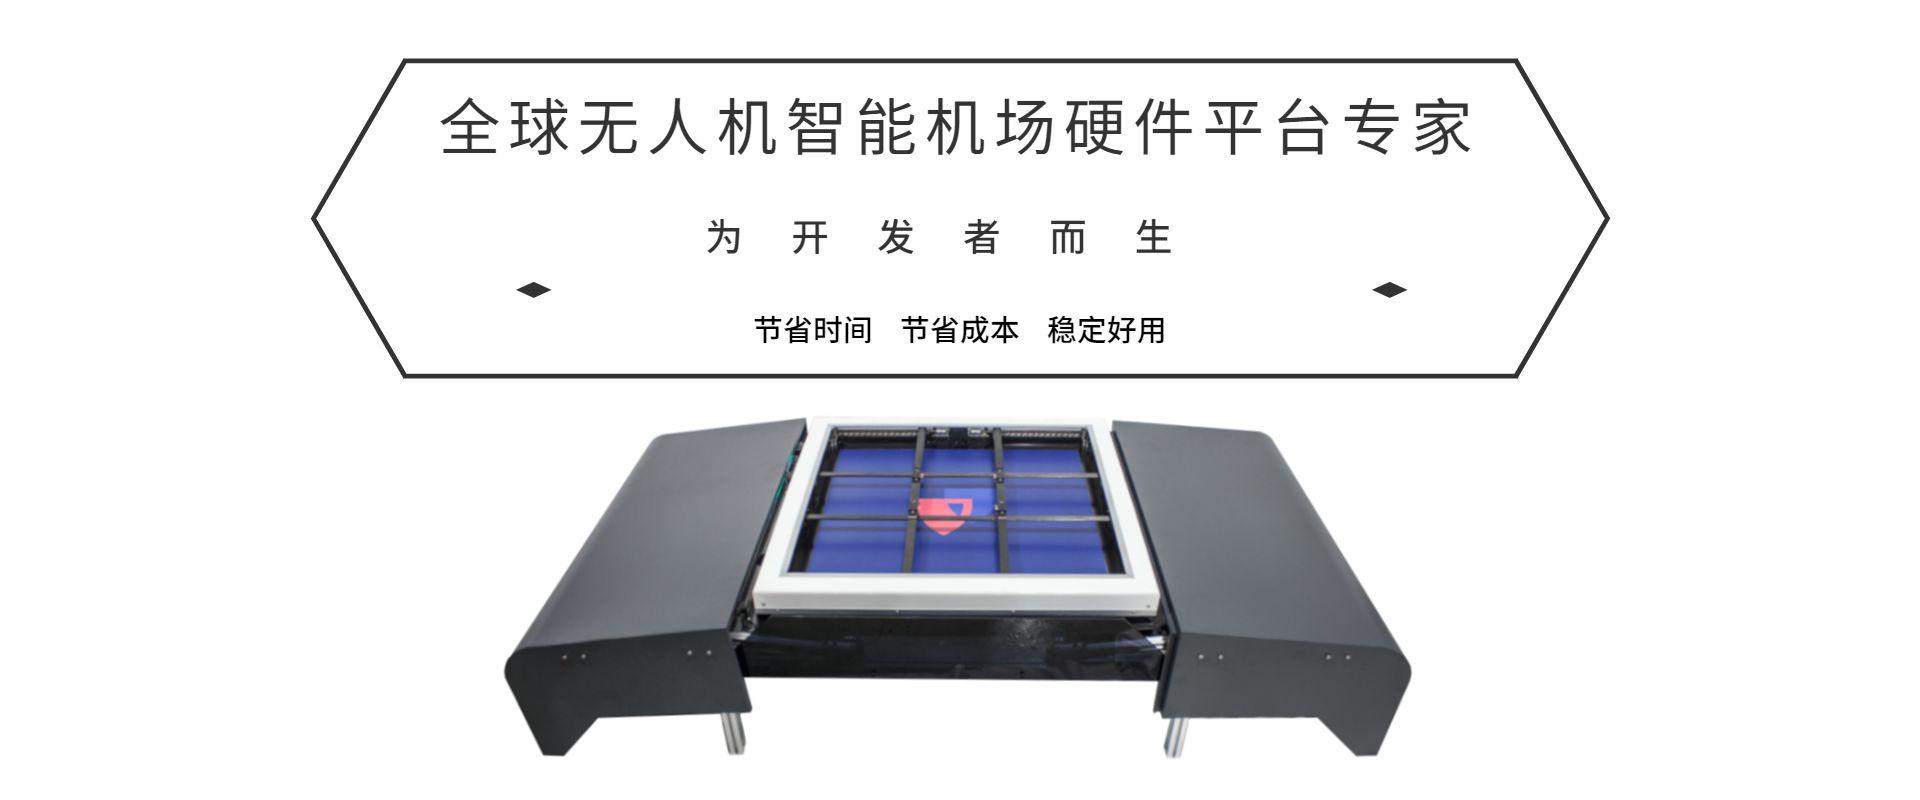 黑砂科技-无人机智能机场硬件平台提供商